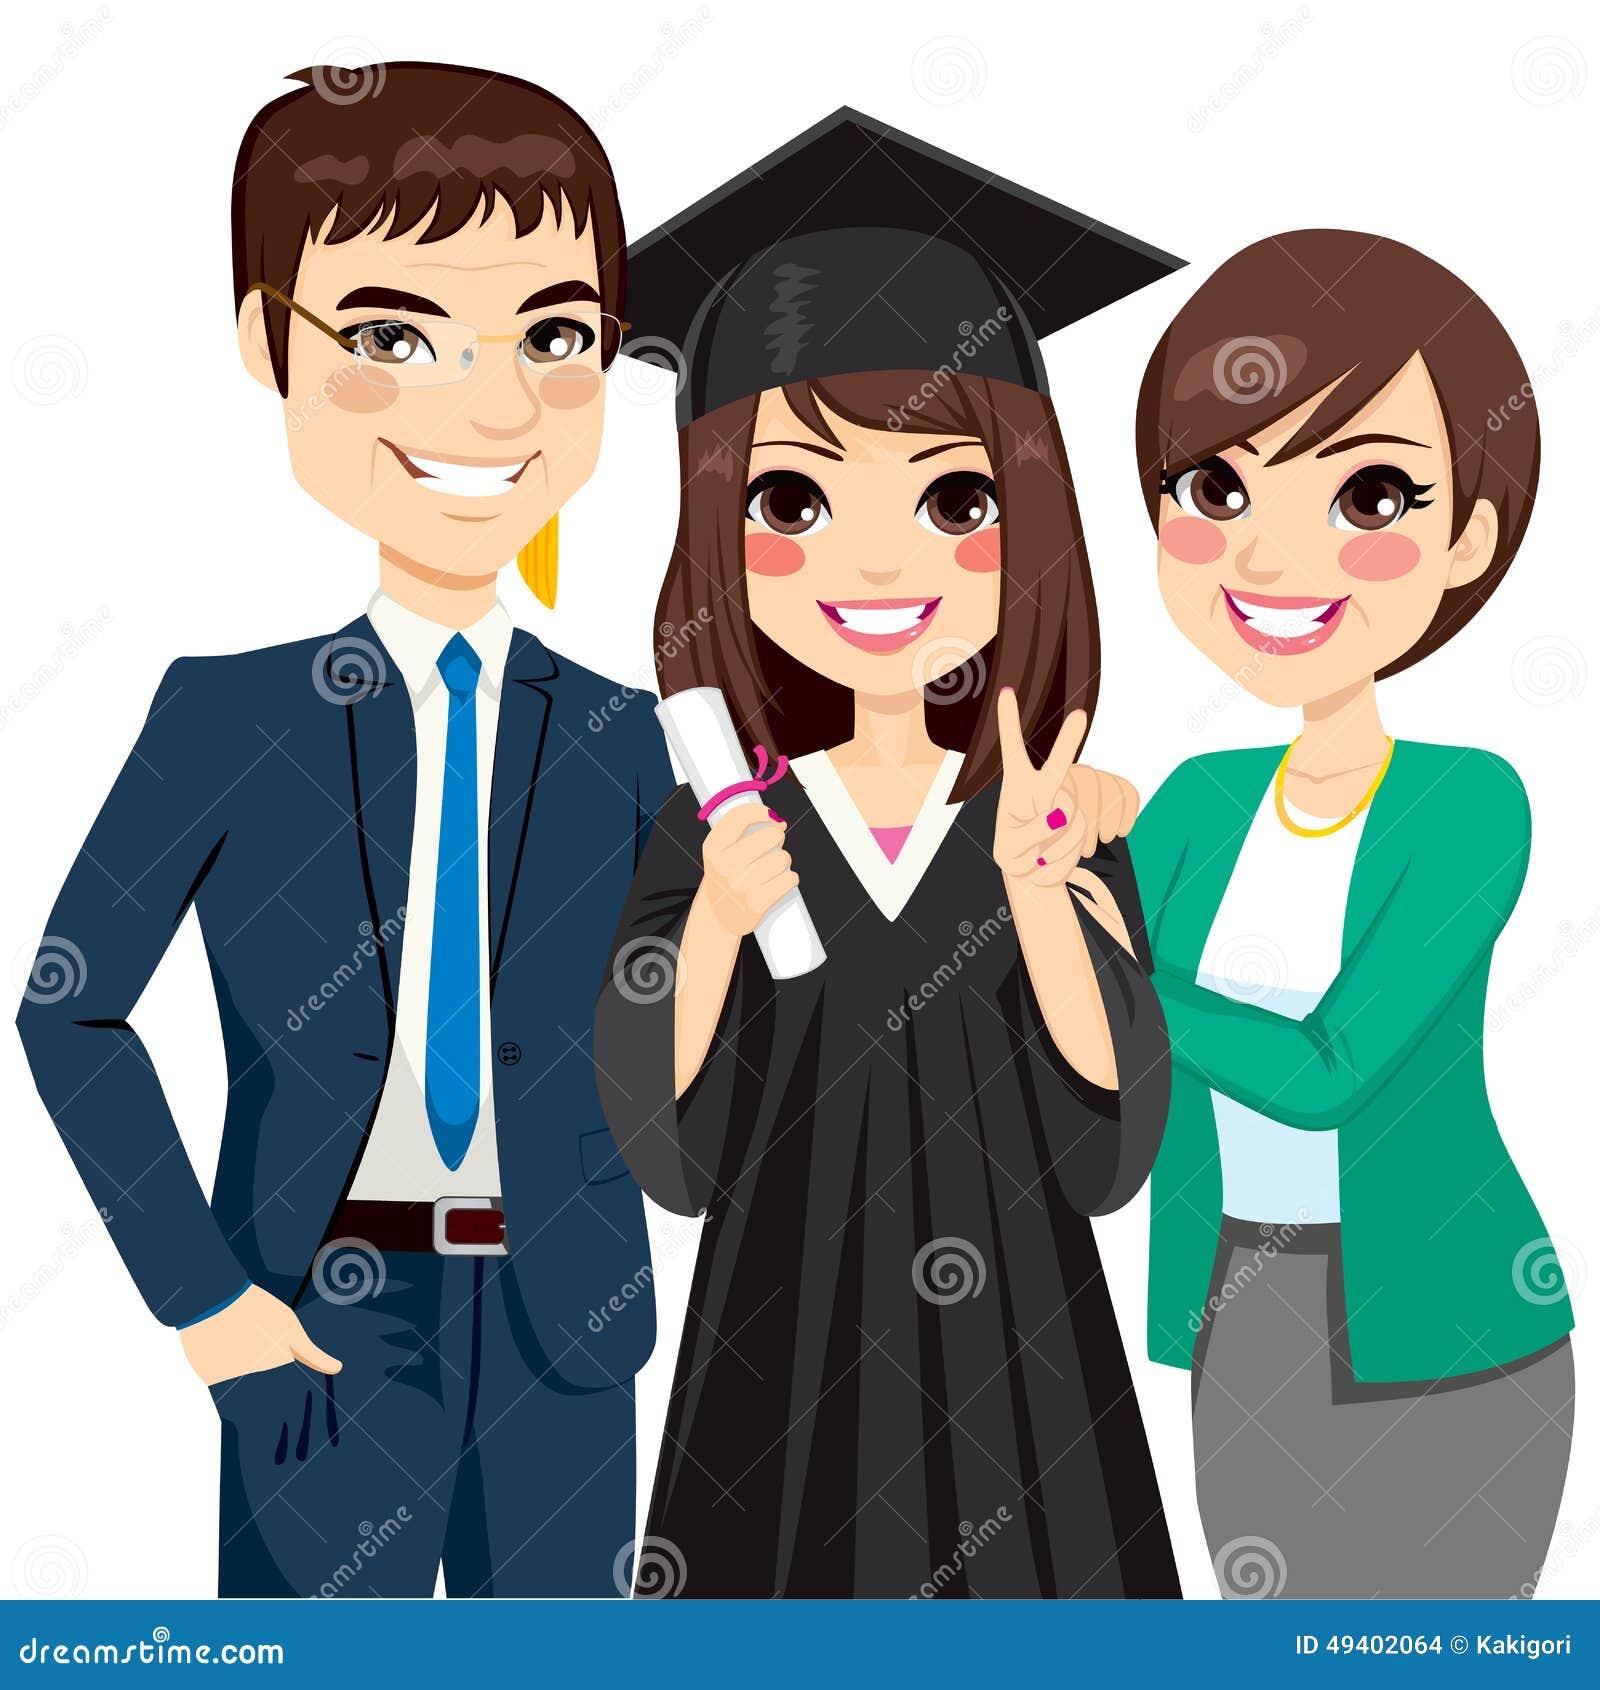 Kids Graduation Art